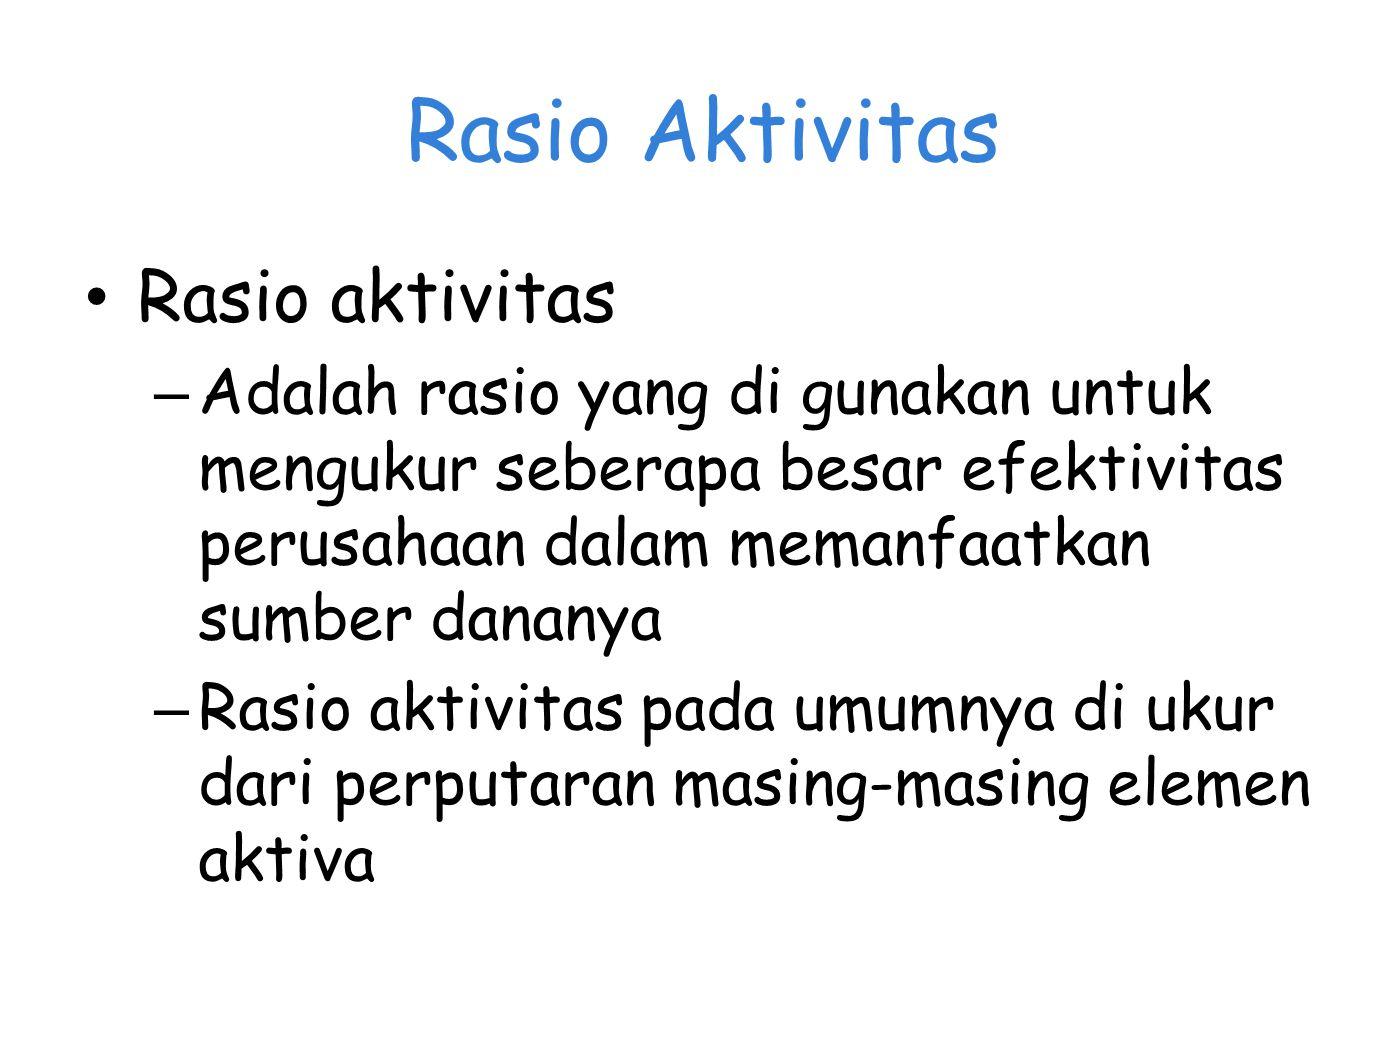 Rasio Aktivitas Rasio aktivitas – Adalah rasio yang di gunakan untuk mengukur seberapa besar efektivitas perusahaan dalam memanfaatkan sumber dananya – Rasio aktivitas pada umumnya di ukur dari perputaran masing-masing elemen aktiva